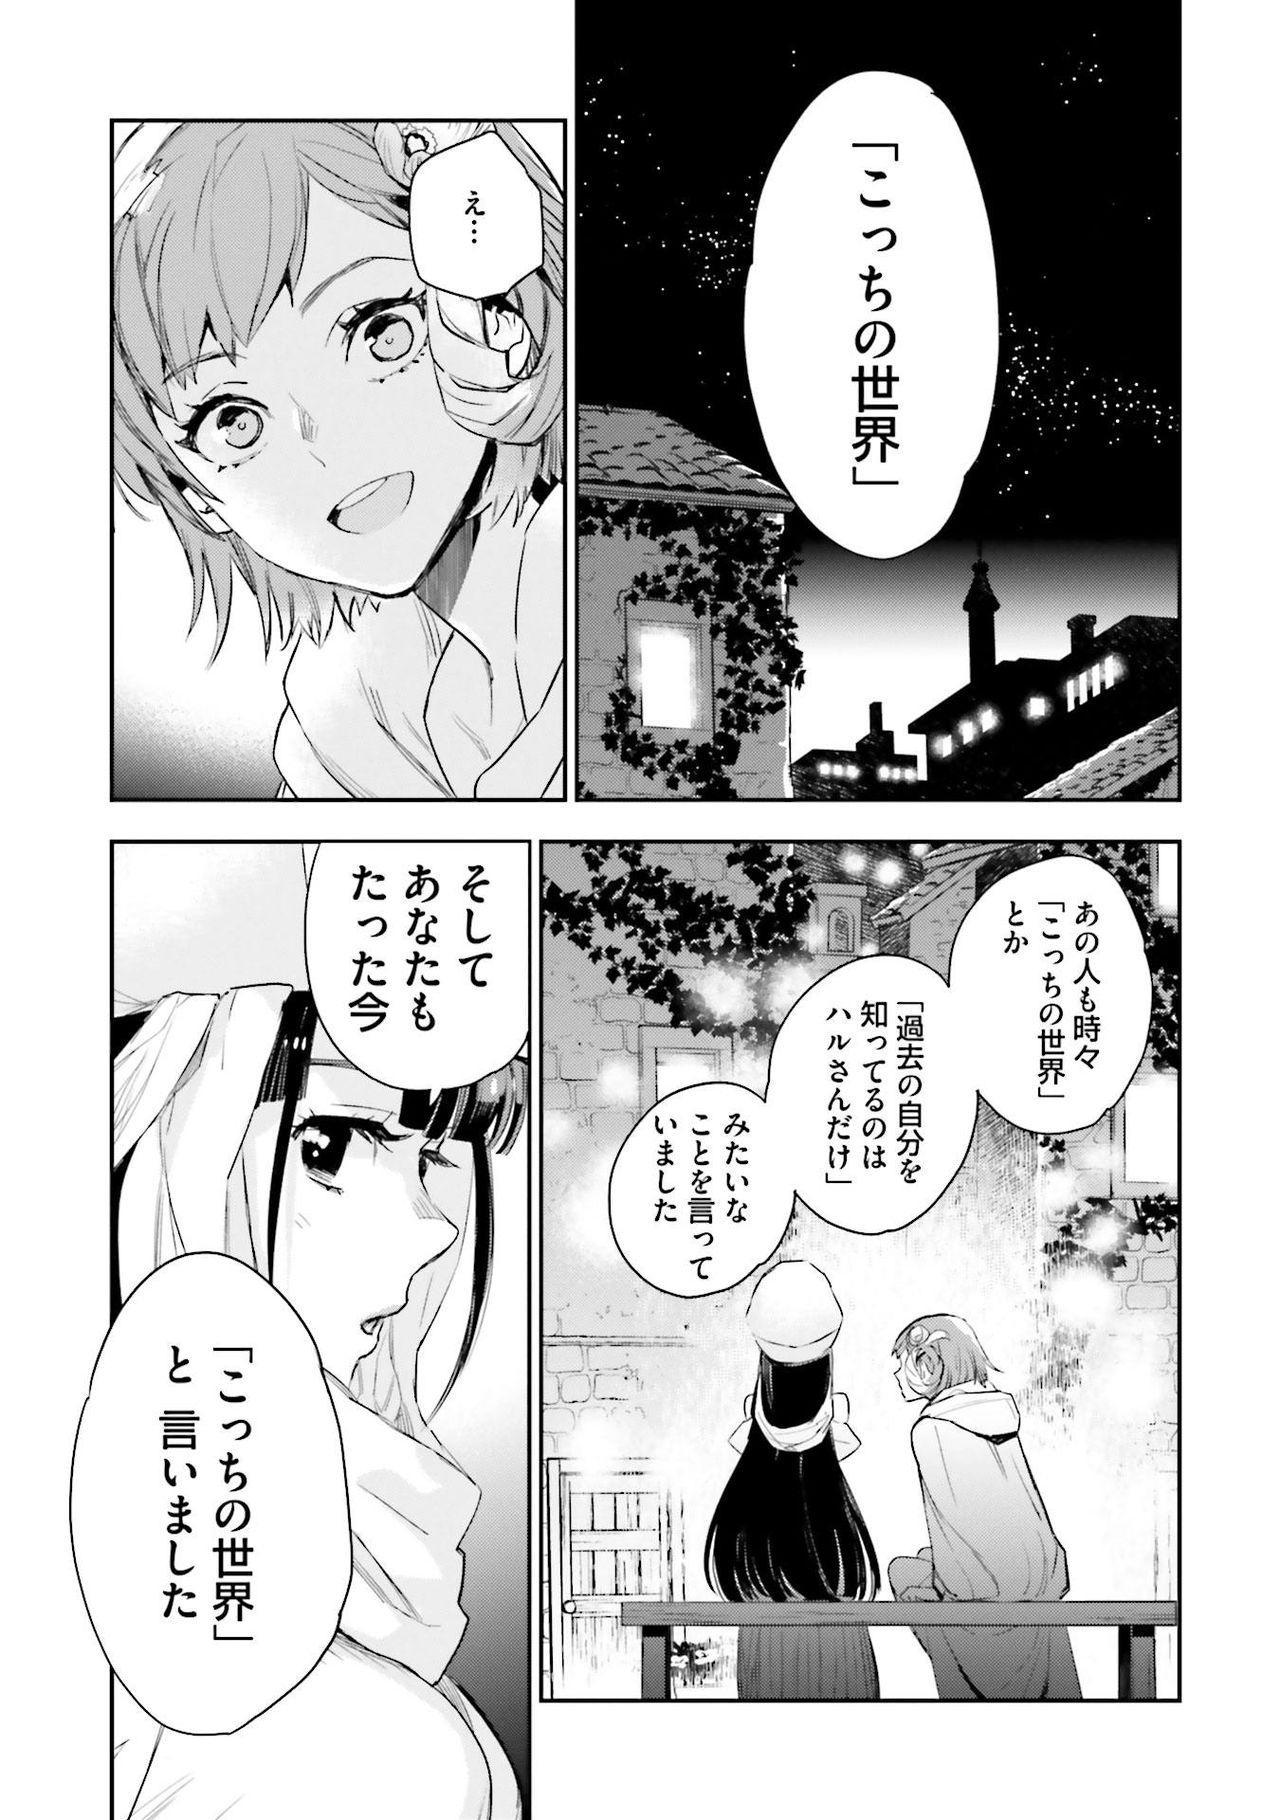 JK Haru wa Isekai de Shoufu ni Natta 1-14 203